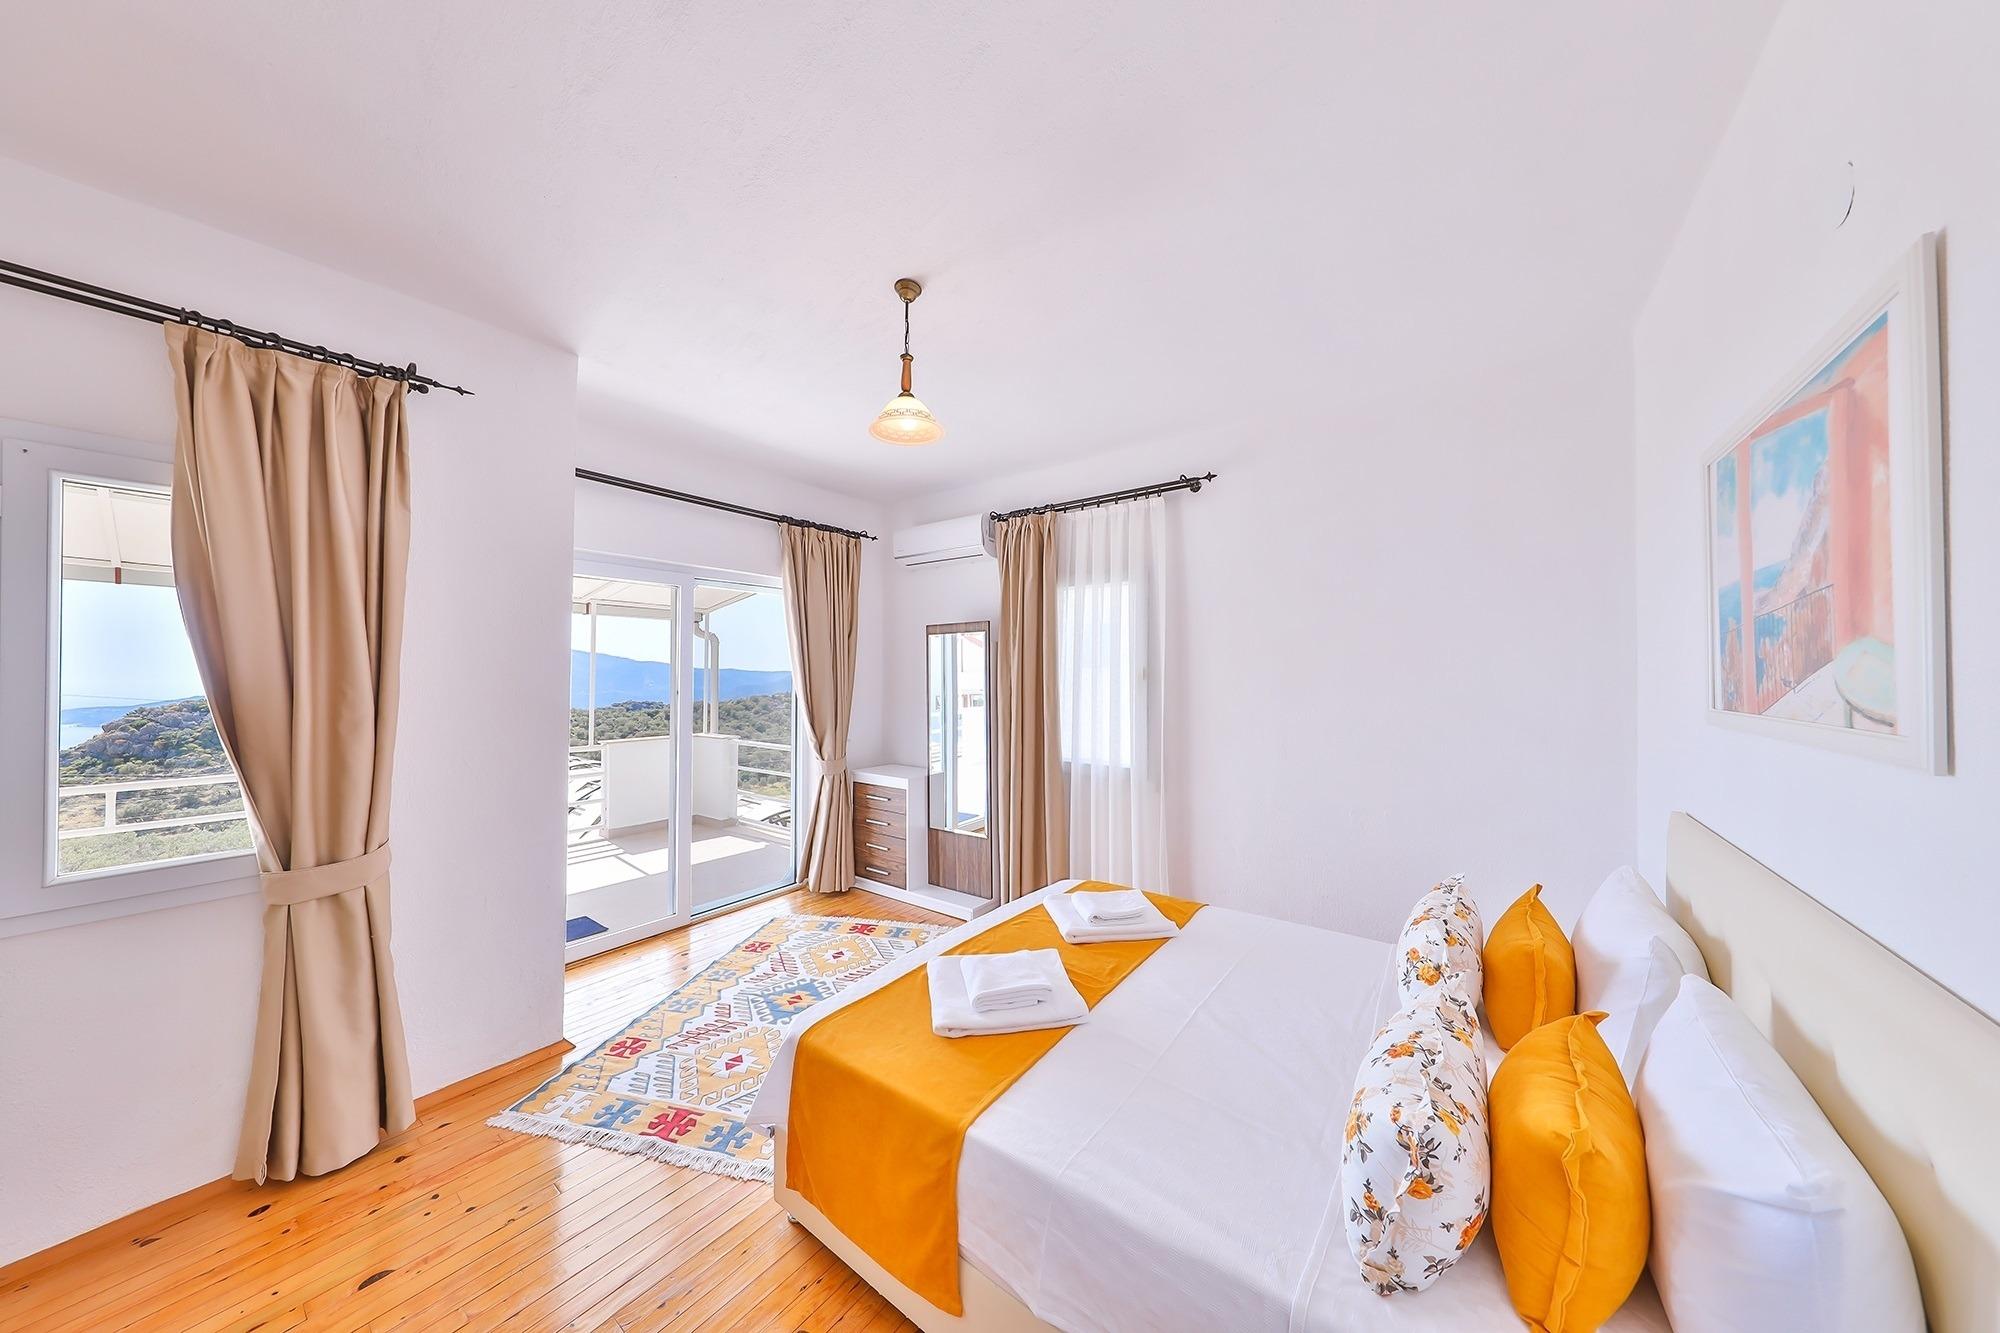 Ferienhaus Villa Asfina (2628177), Kalkan, , Mittelmeerregion, Türkei, Bild 6